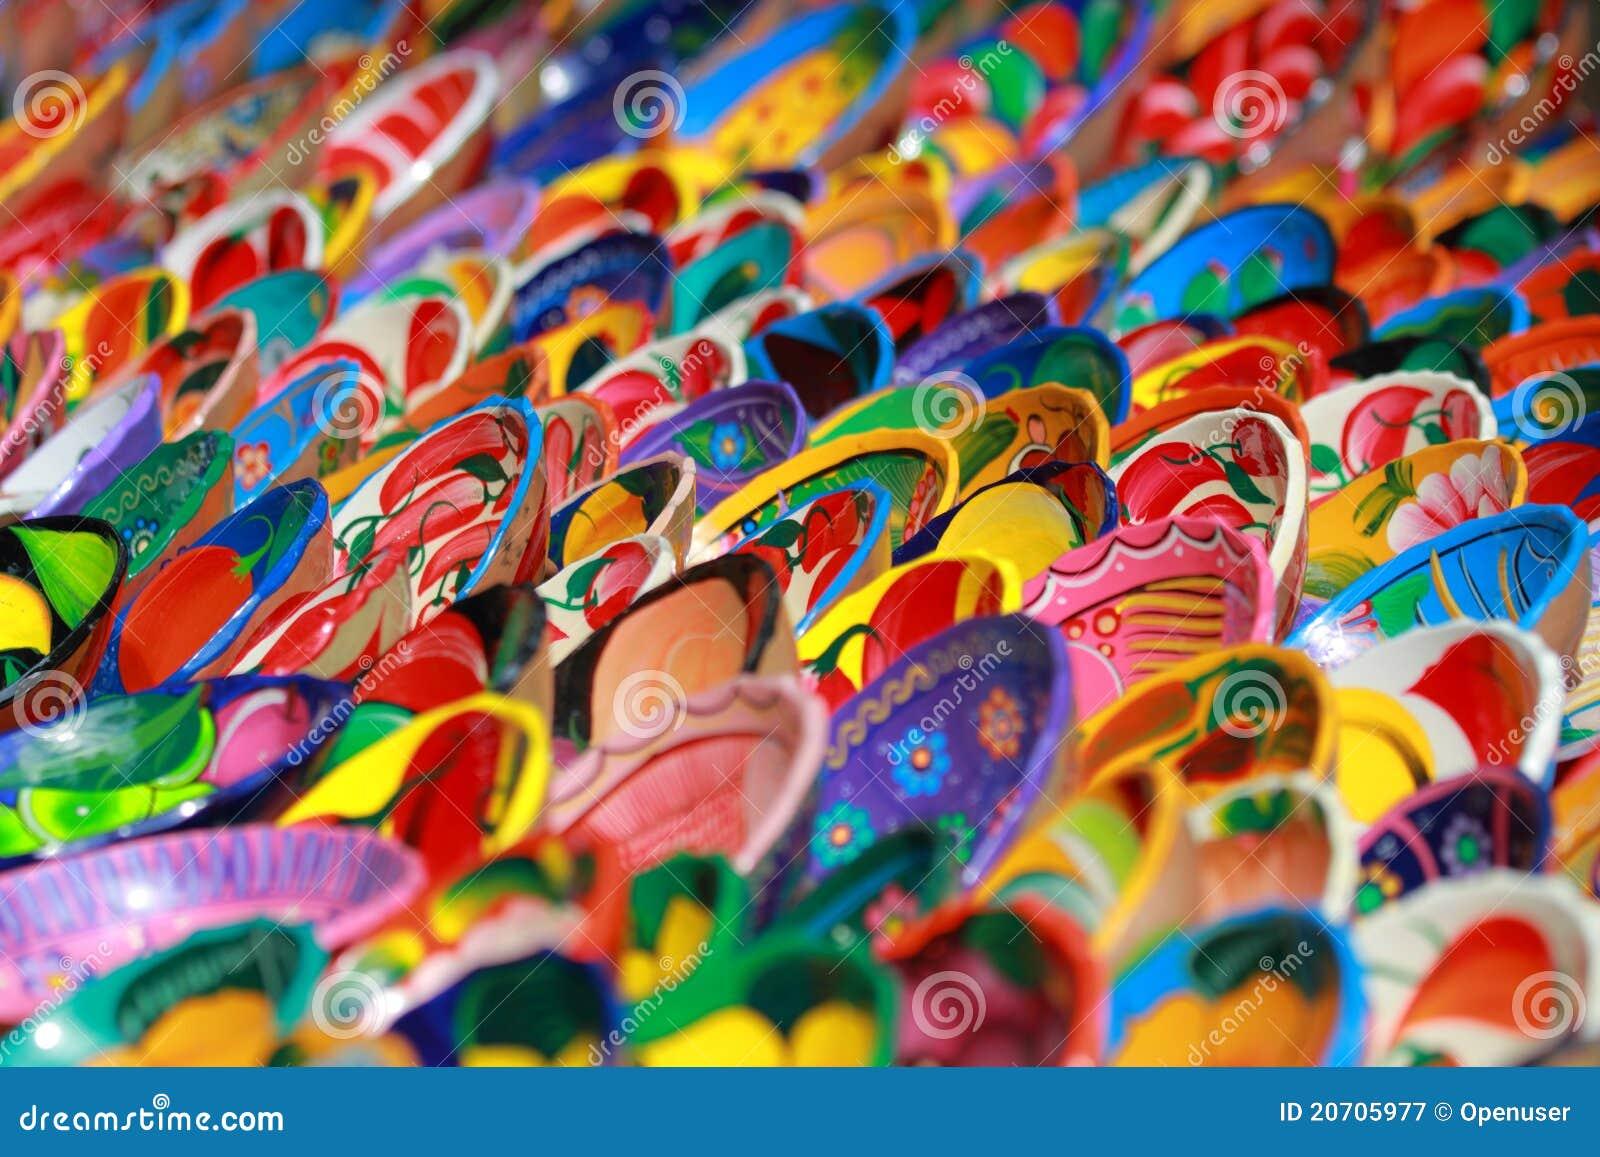 Bunte mexikanische dekoration keramische sch sseln for Mexikanische dekoration